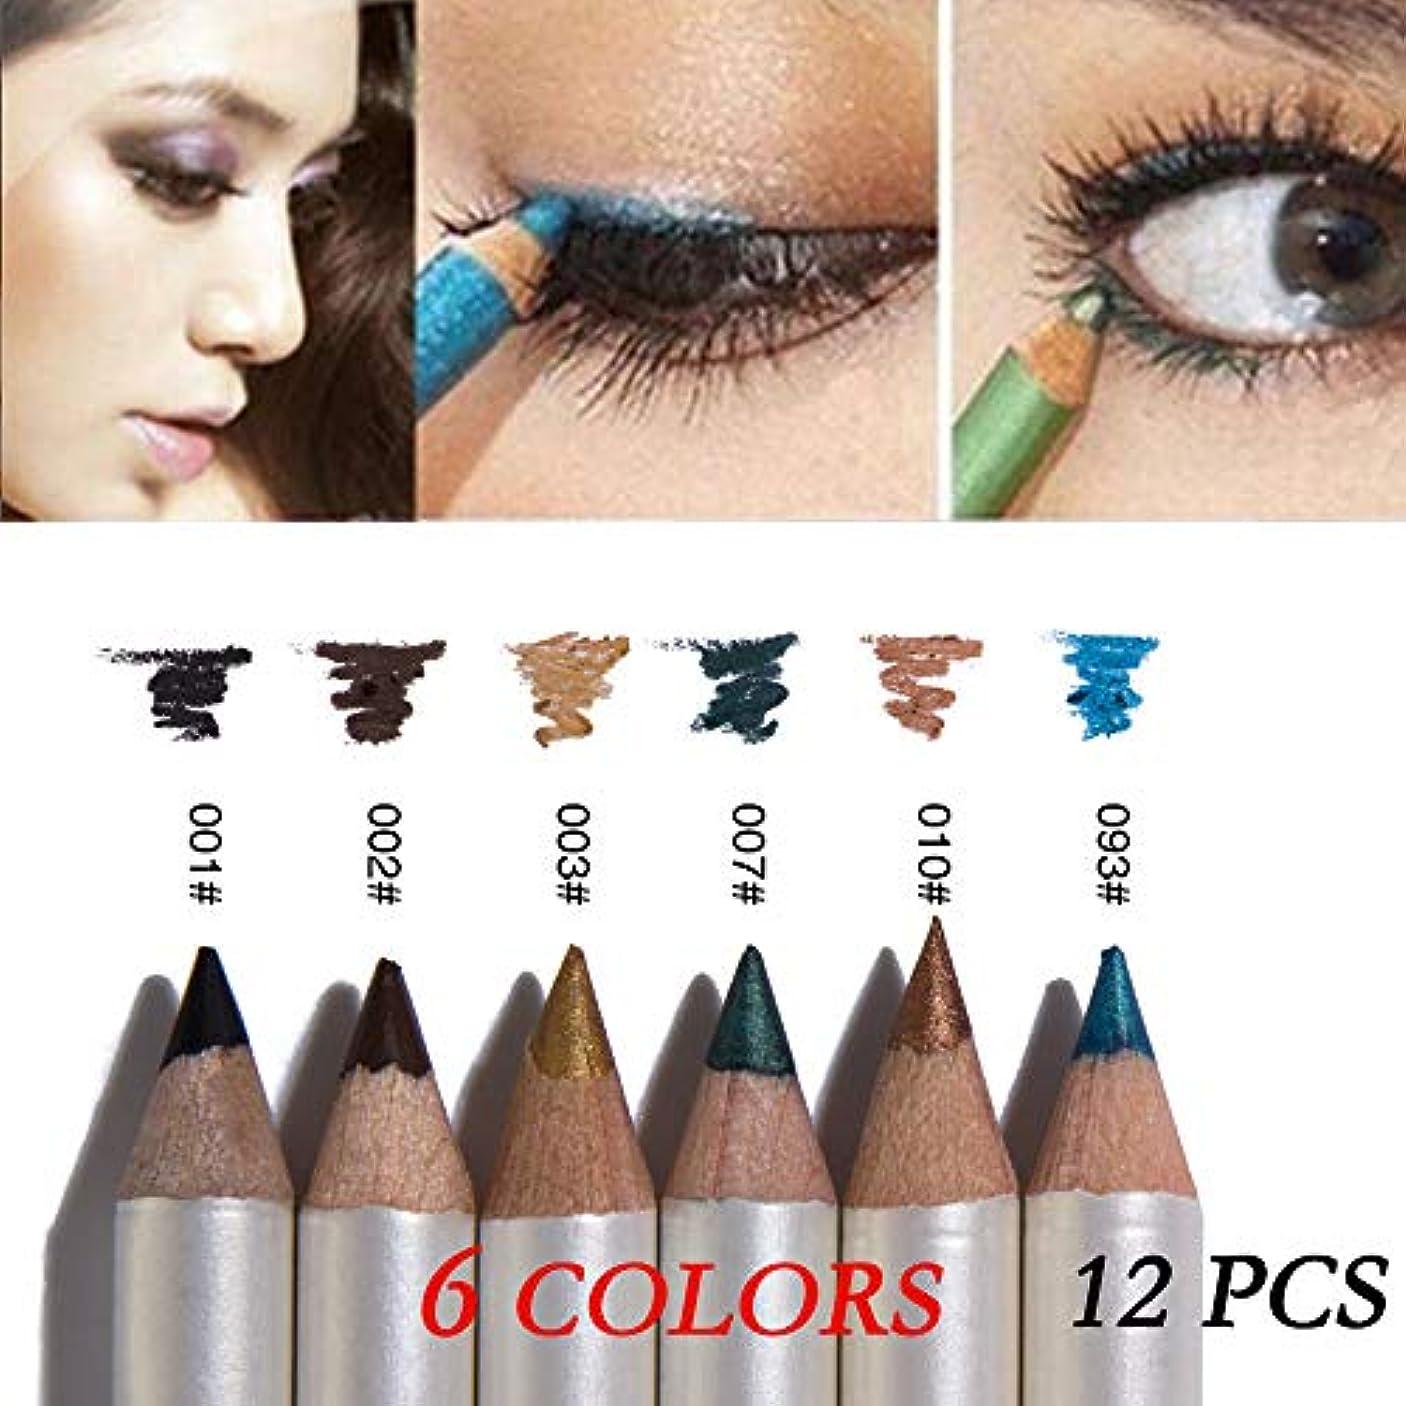 であること印象過言6色12色の混合色防水アイシャドーアイライナーペンメイクアップペン